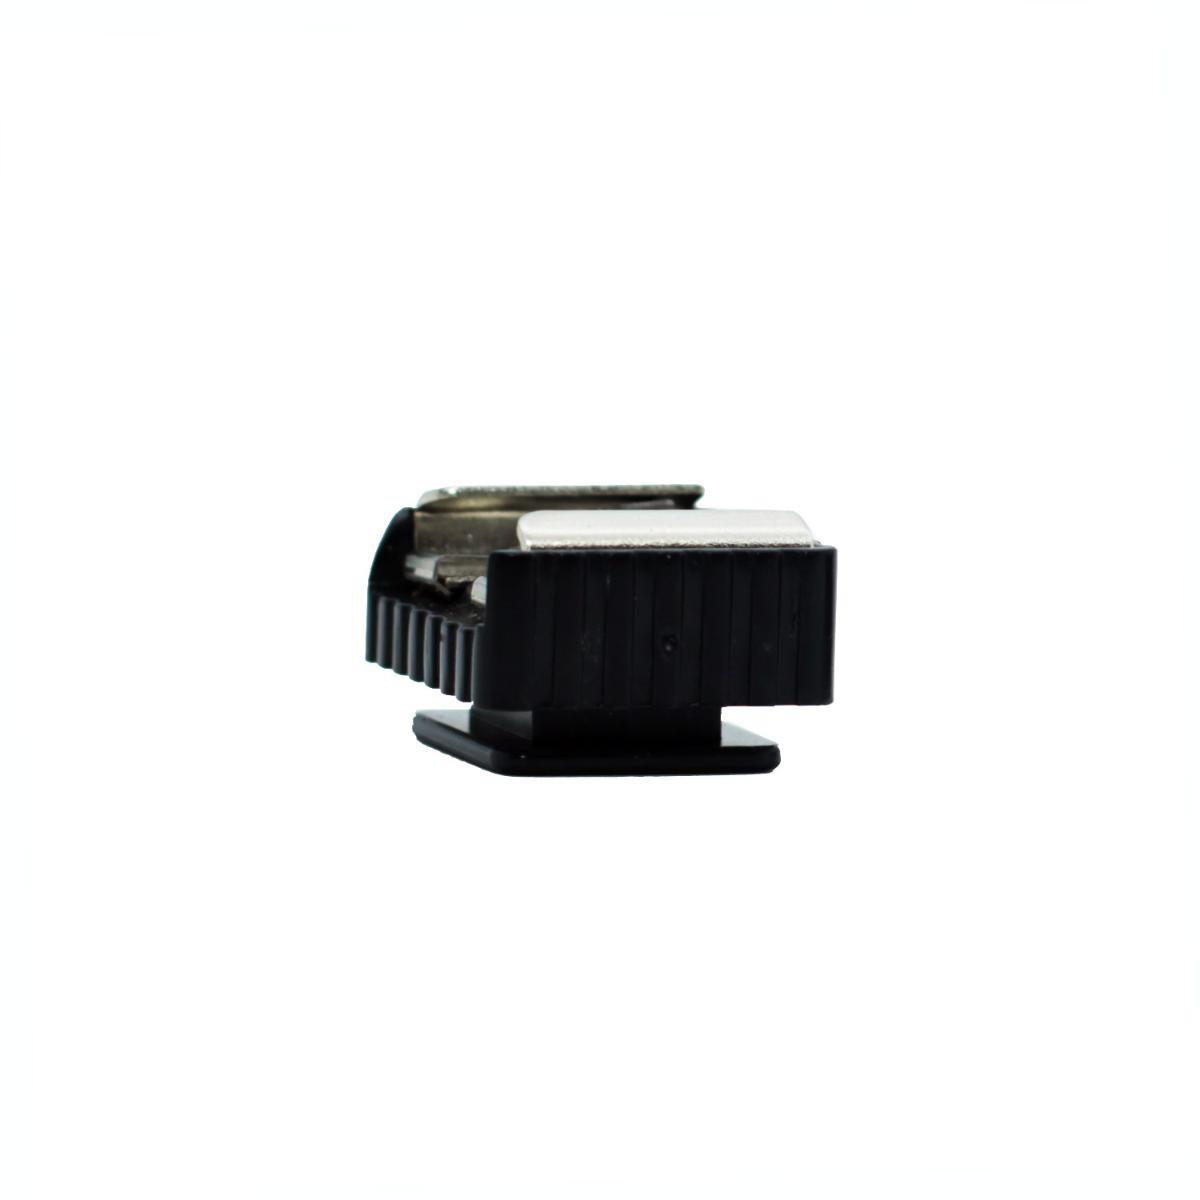 Adaptador Sapata Hot Shoe YA5004 para Flashes e Equipamentos Fotográficos